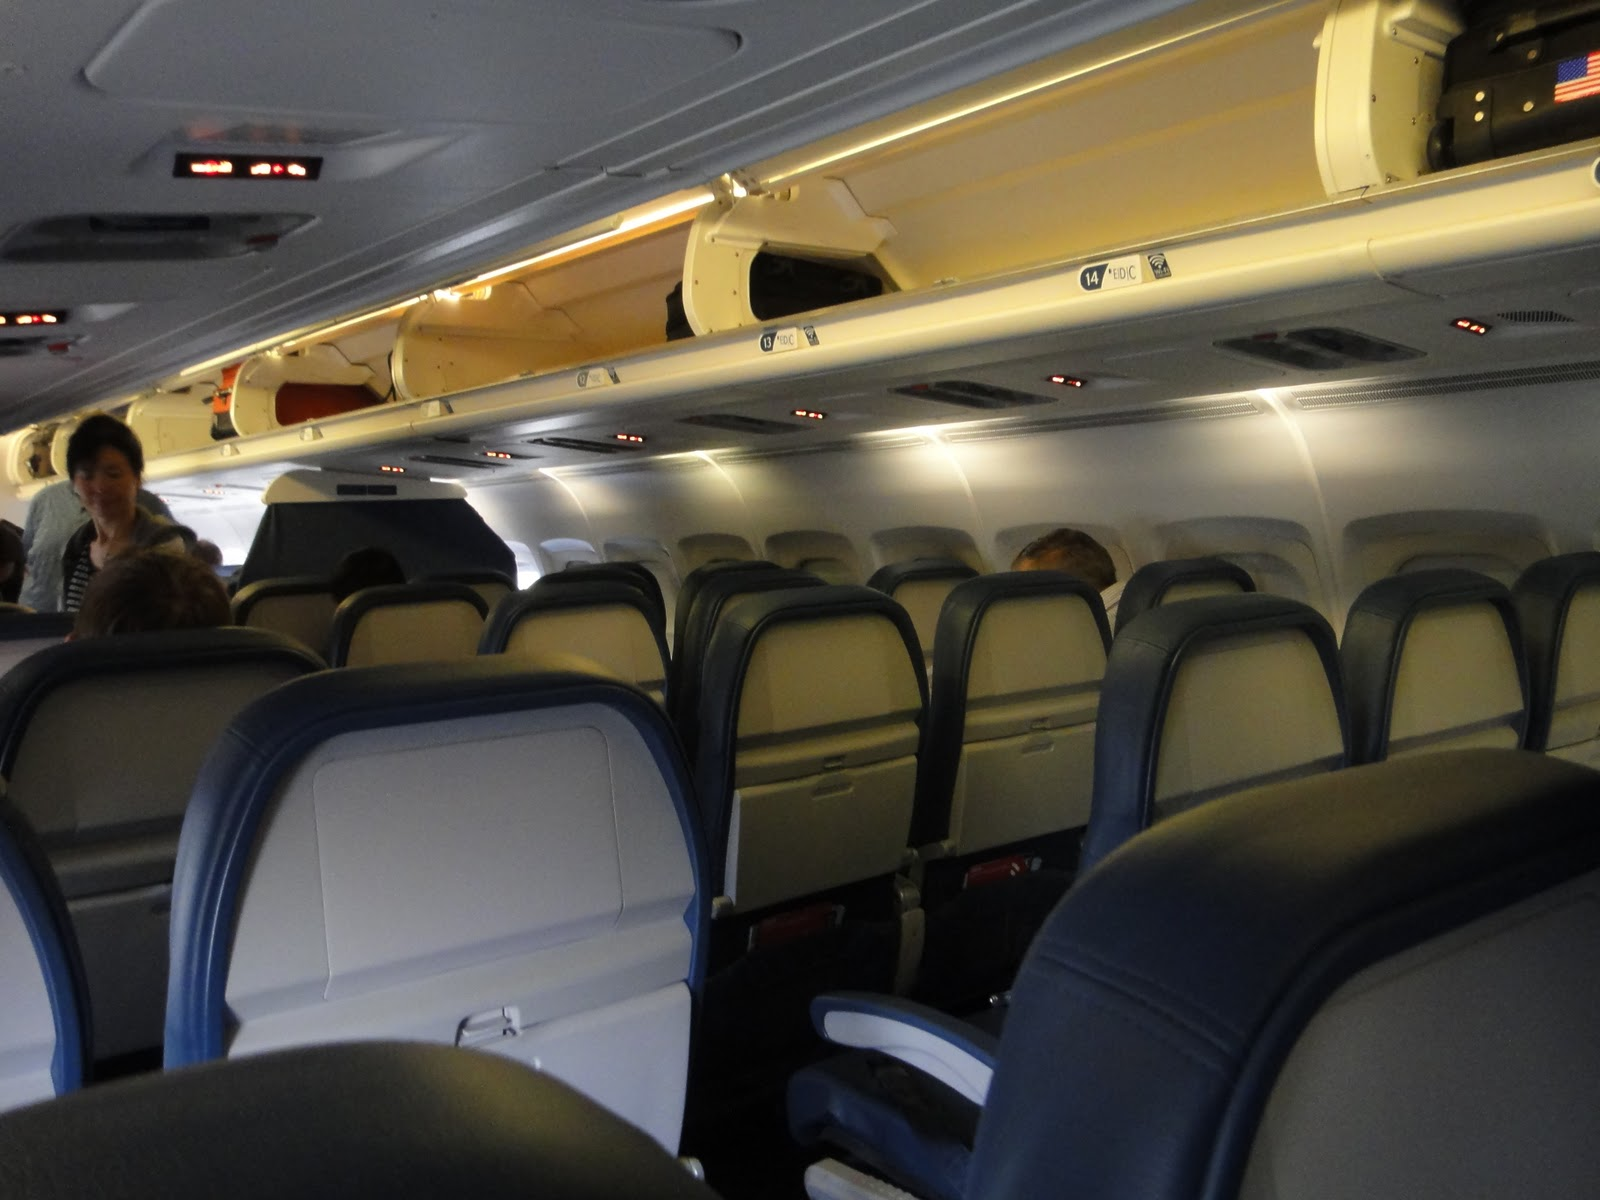 Delta MD-90 Economy Cabin